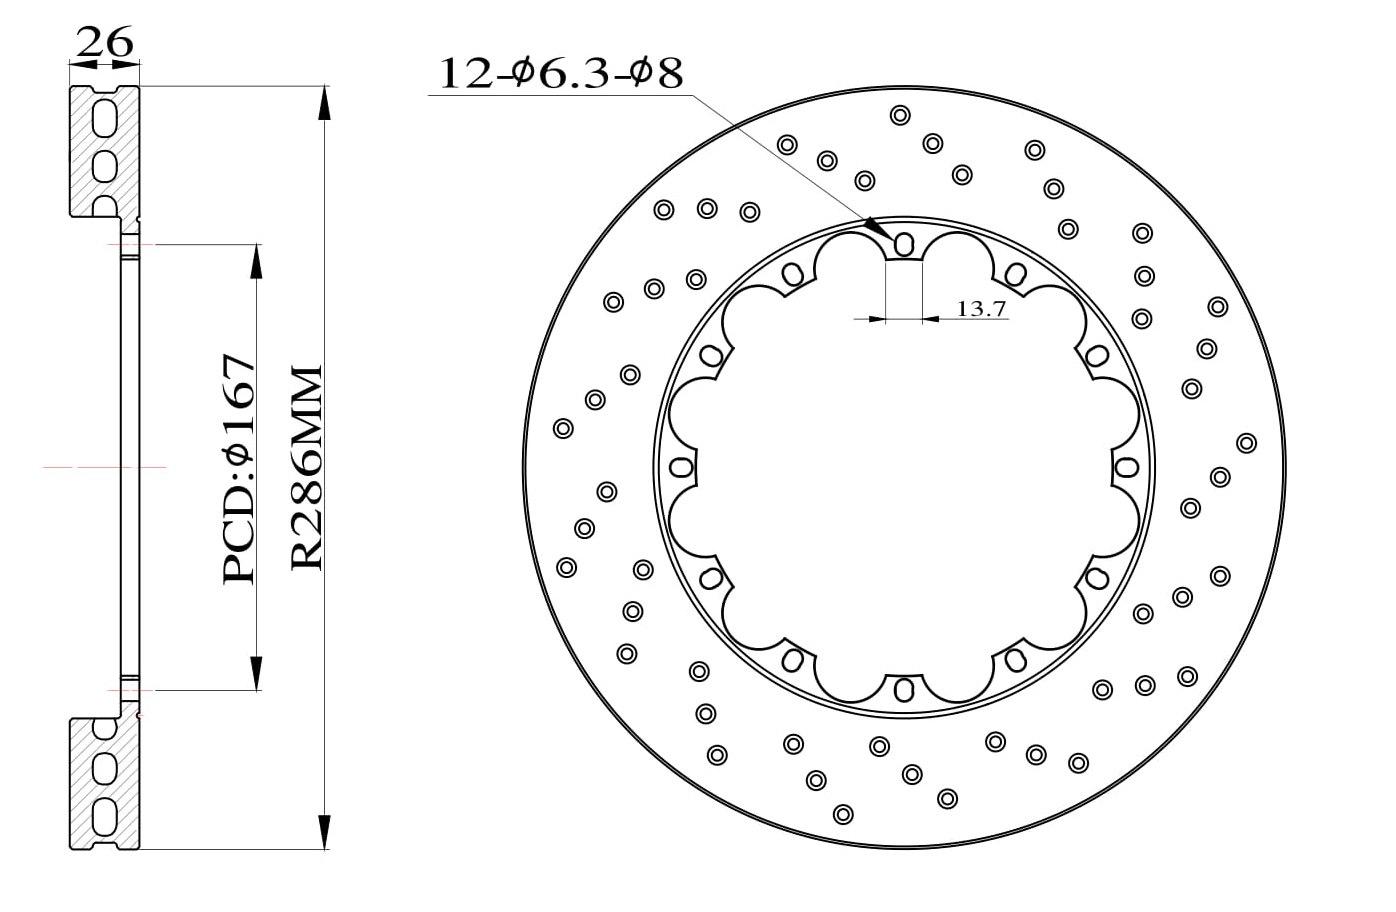 Tarcze hamulcowe nawiercane do zestawu Big Brake 286mm 2009+ - GRUBYGARAGE - Sklep Tuningowy